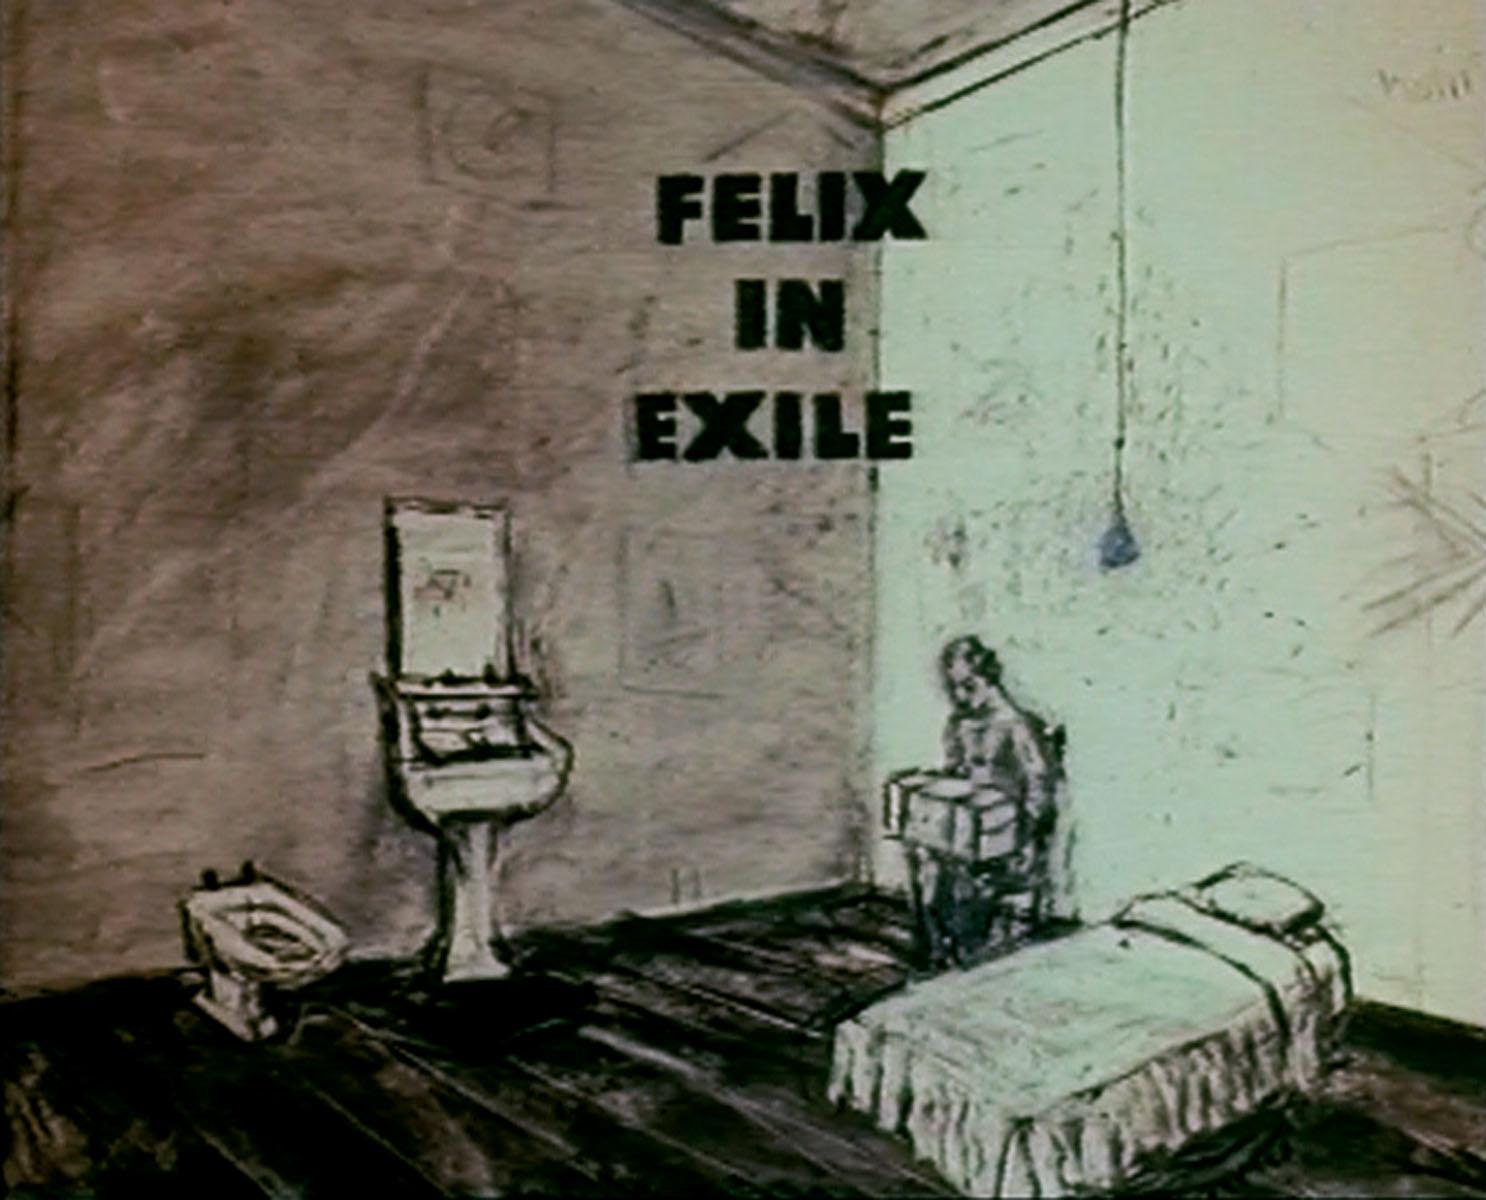 William Kentridge, Felix in Exile (1994), film still